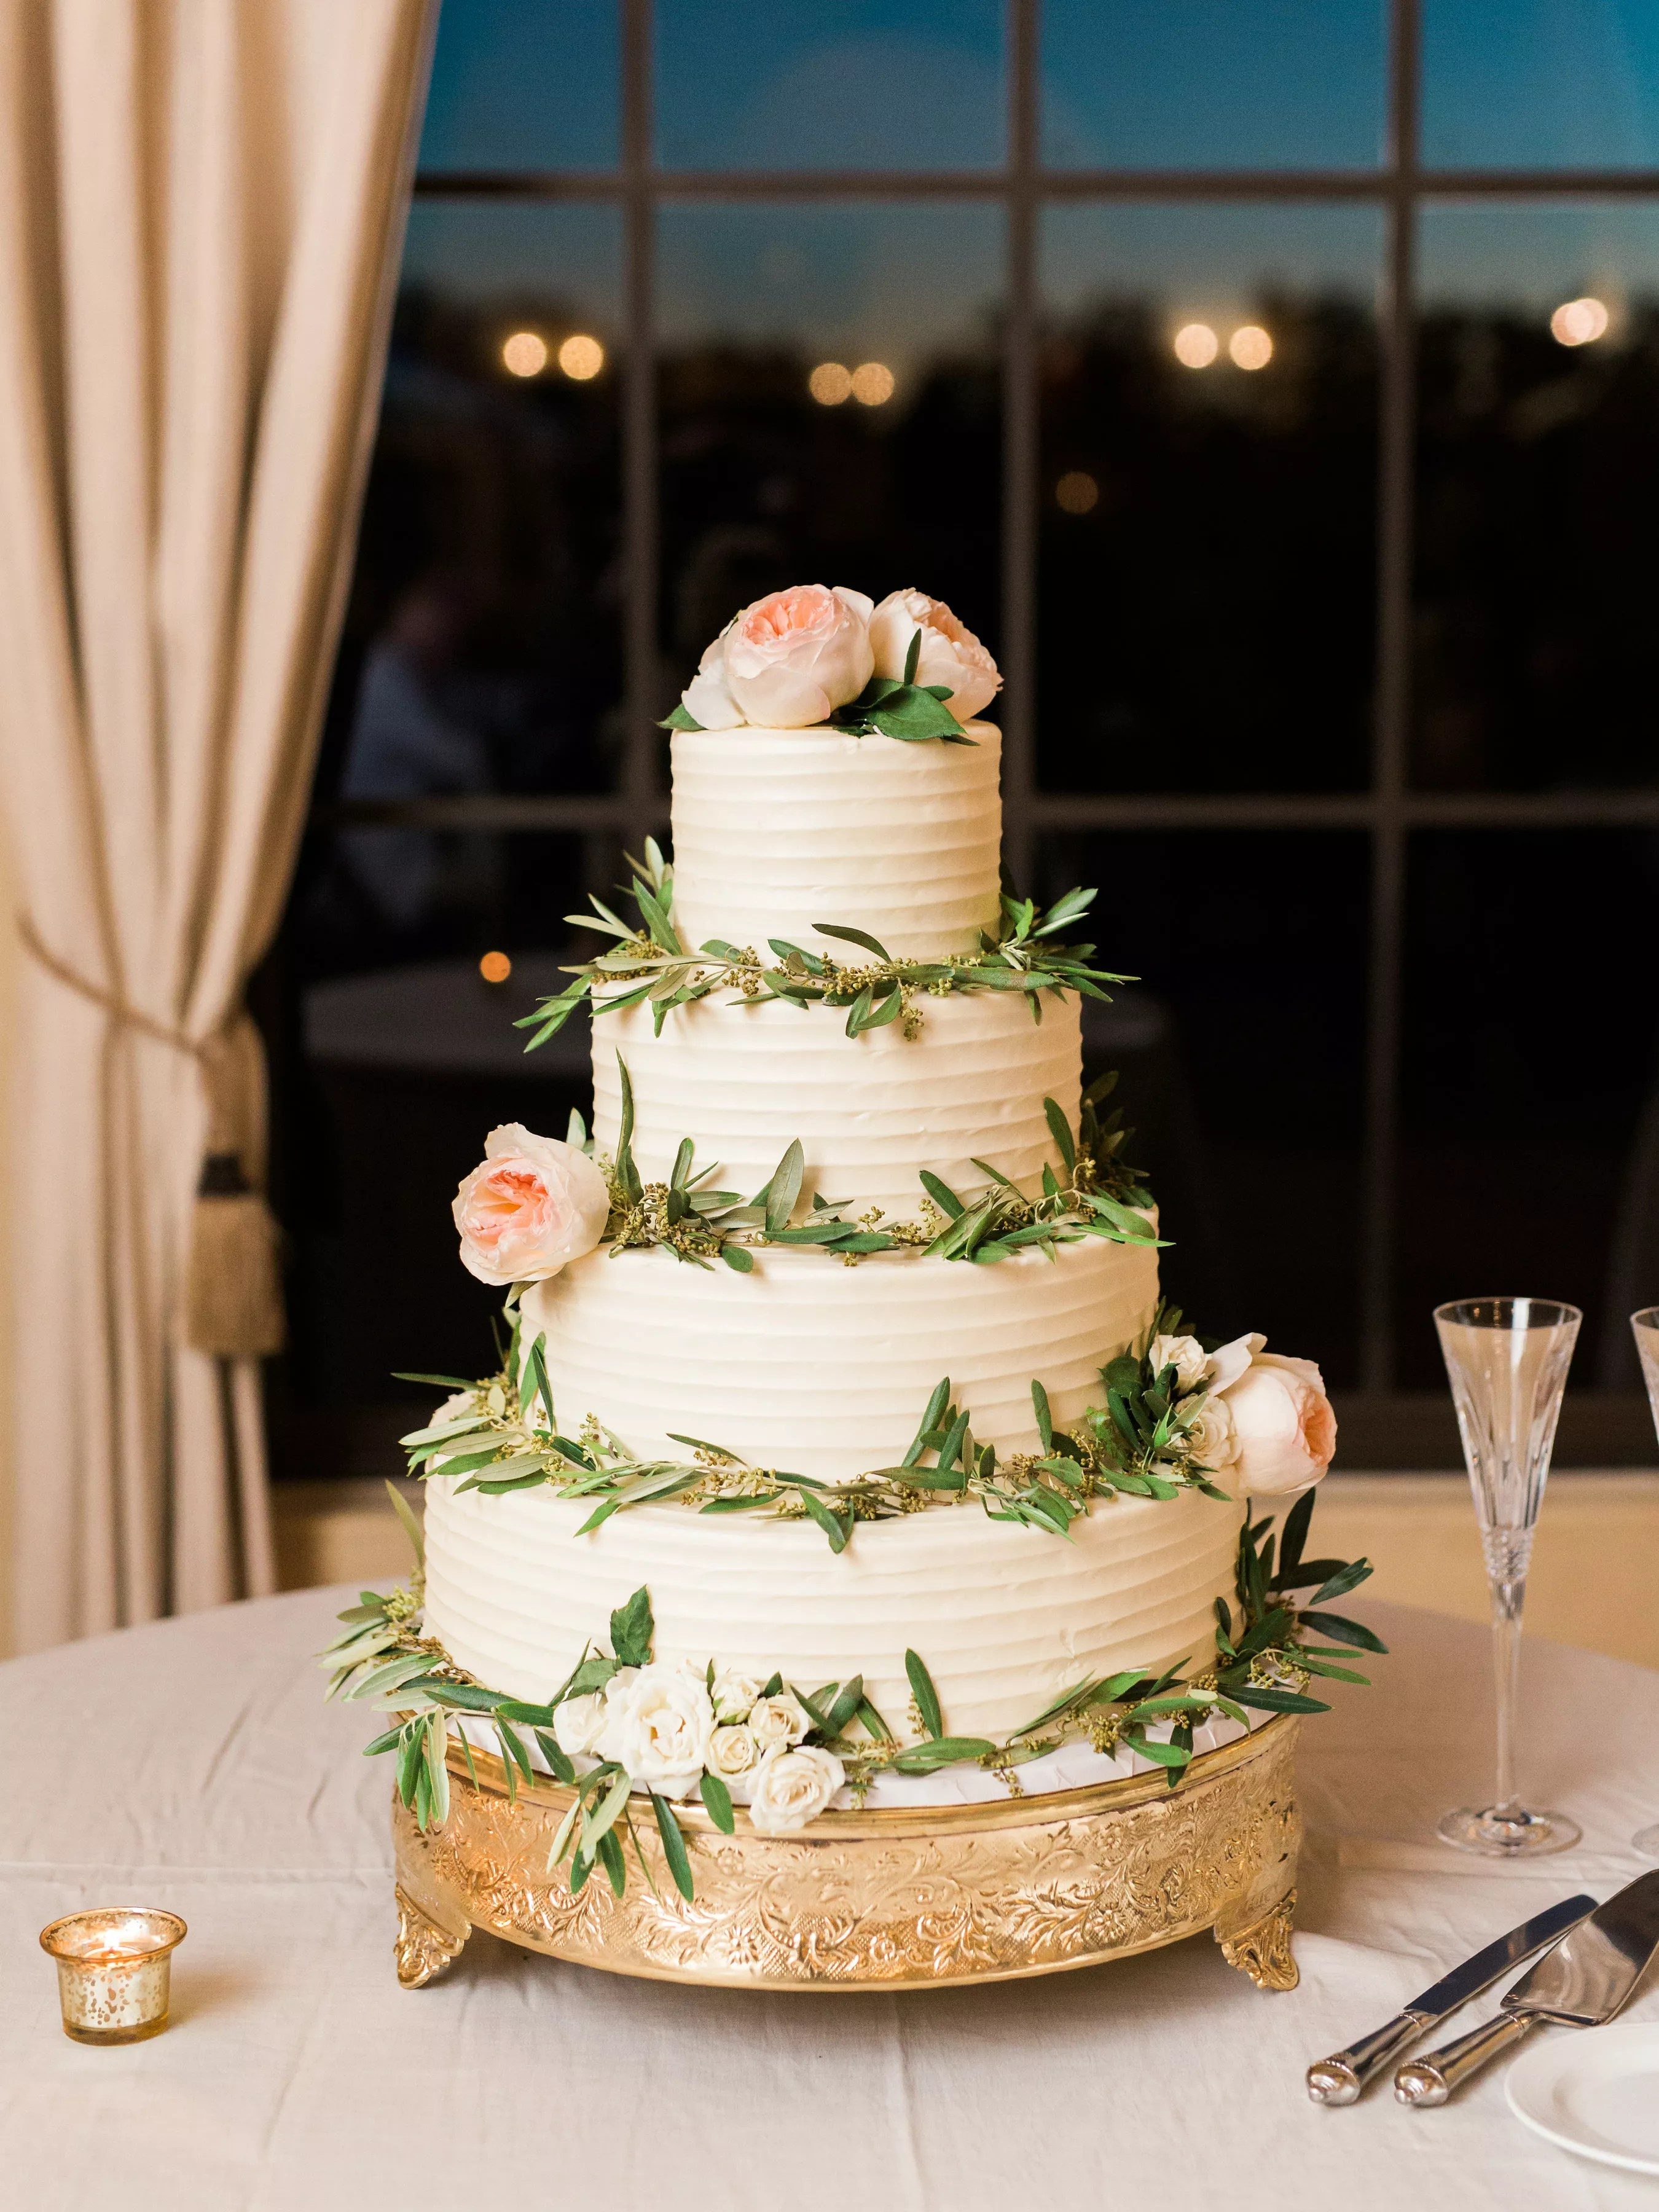 Sweet Treets Bakery  Wedding Cakes  AUSTIN TX